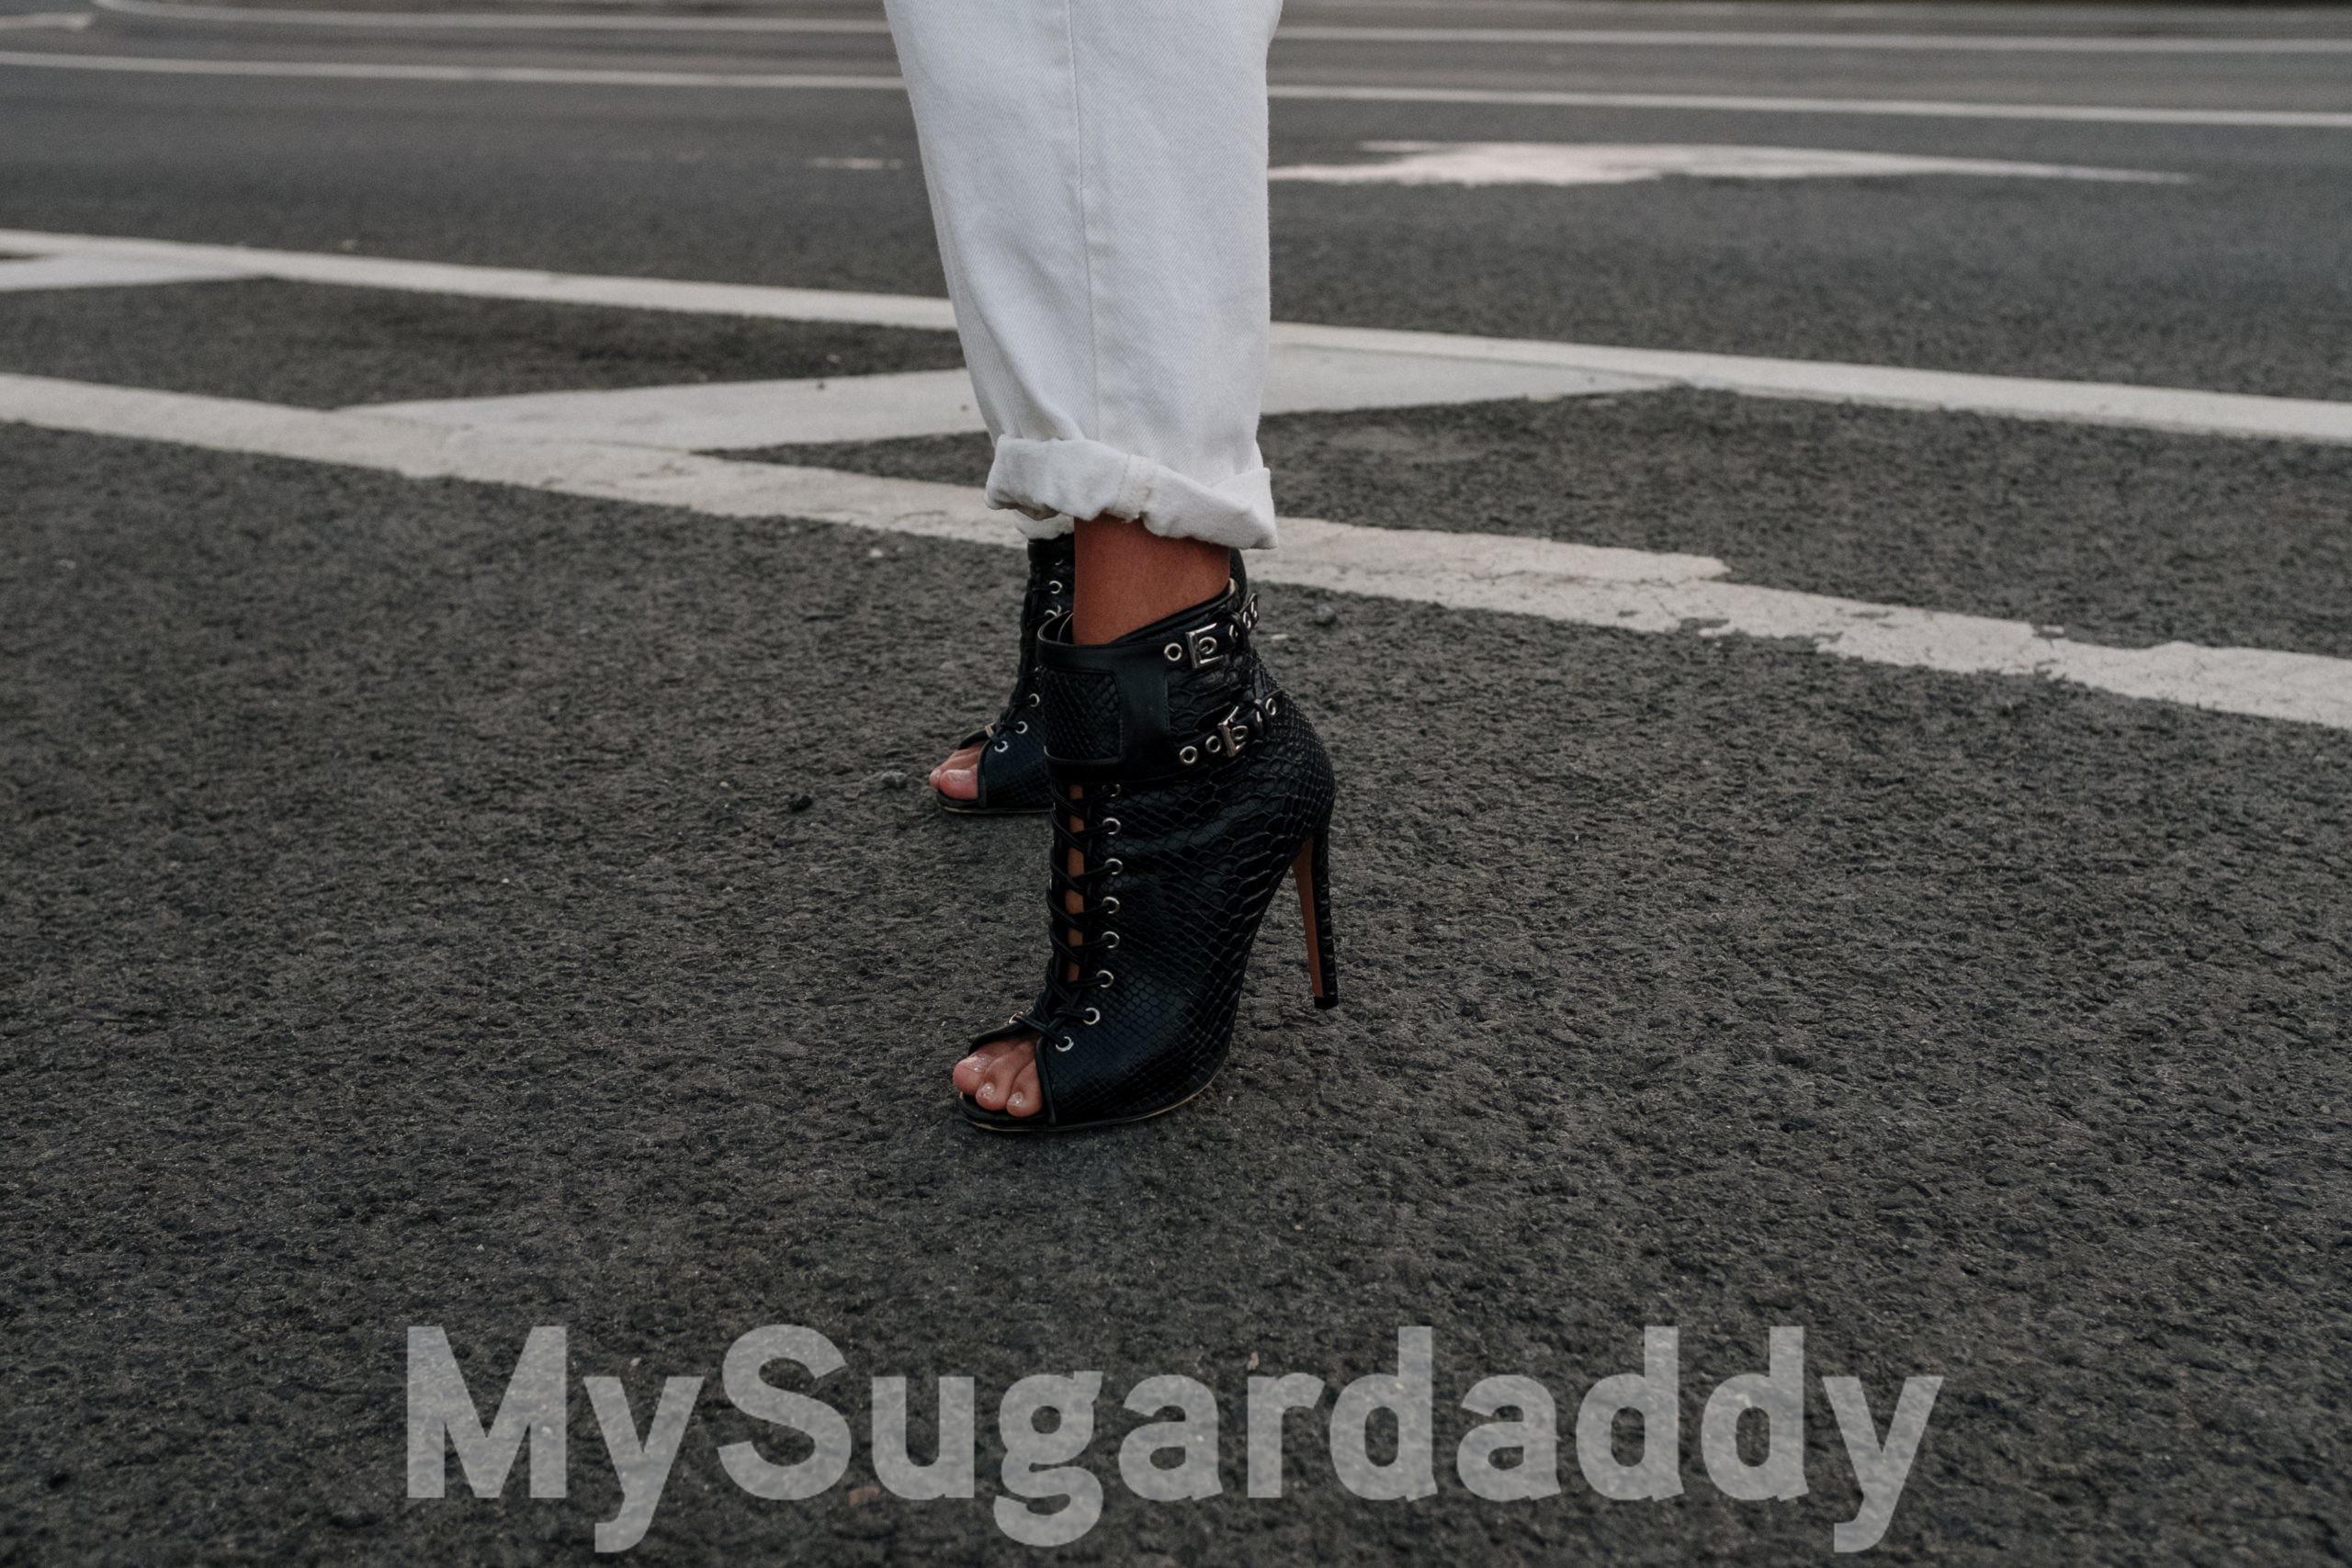 Seksowna, ale nie wulgarna: tego właśnie chce Sugar Daddy!